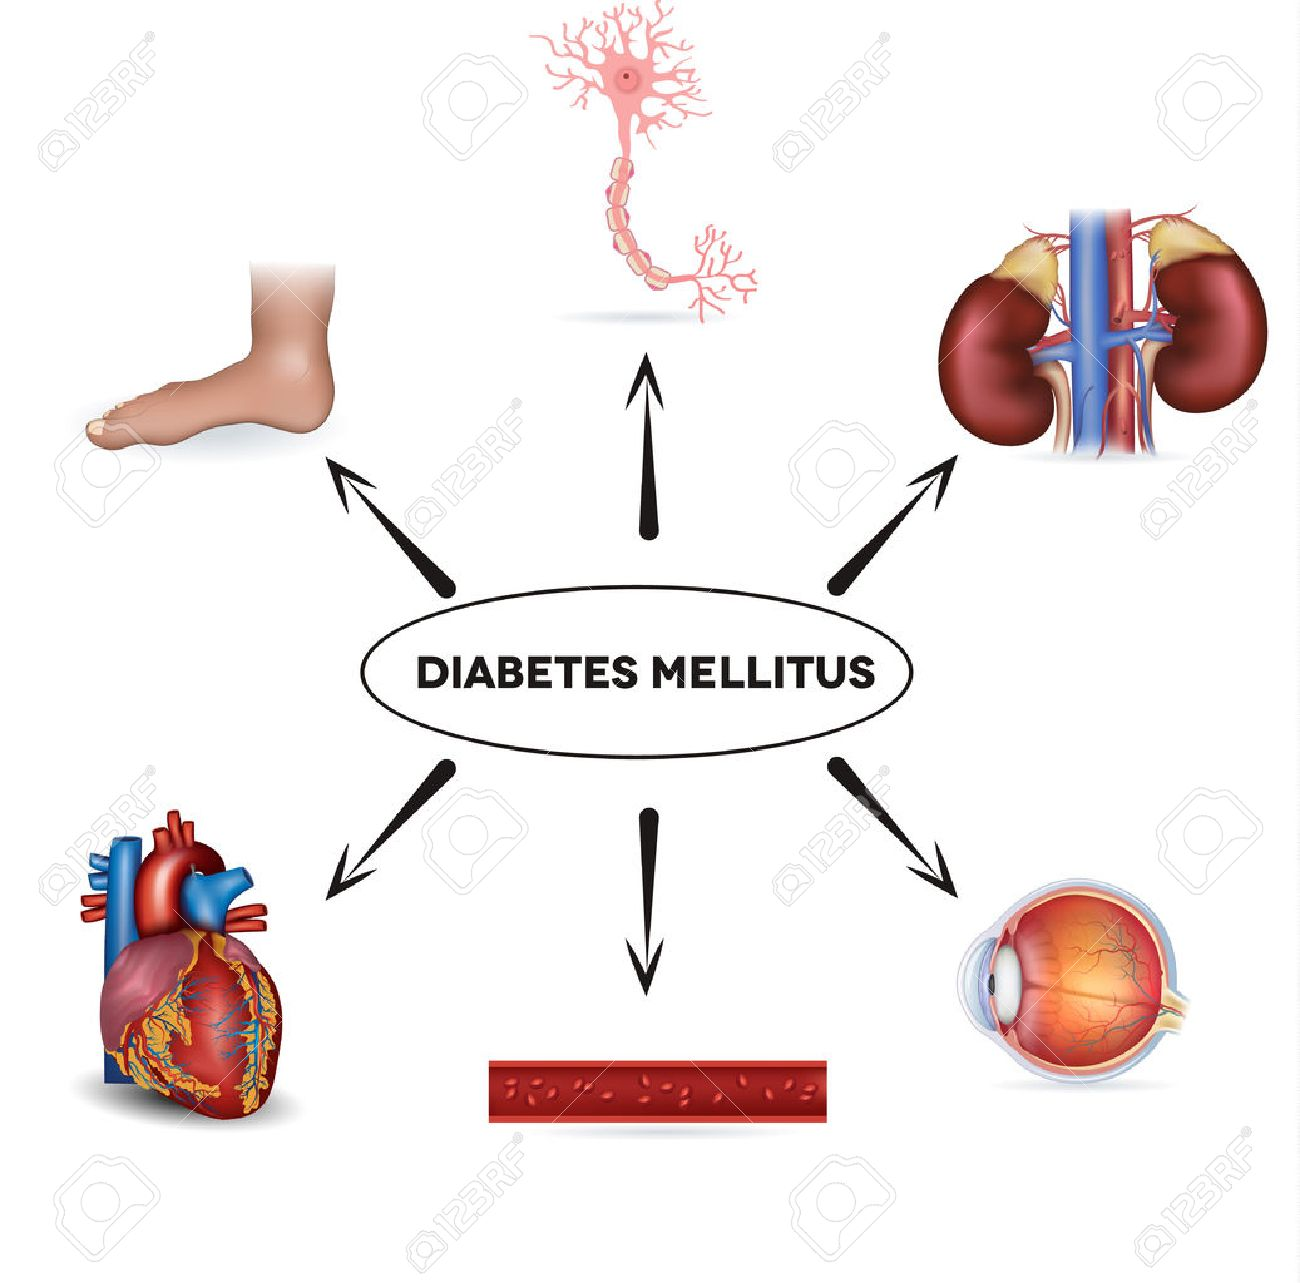 sistemas de órganos afectados por diabetes